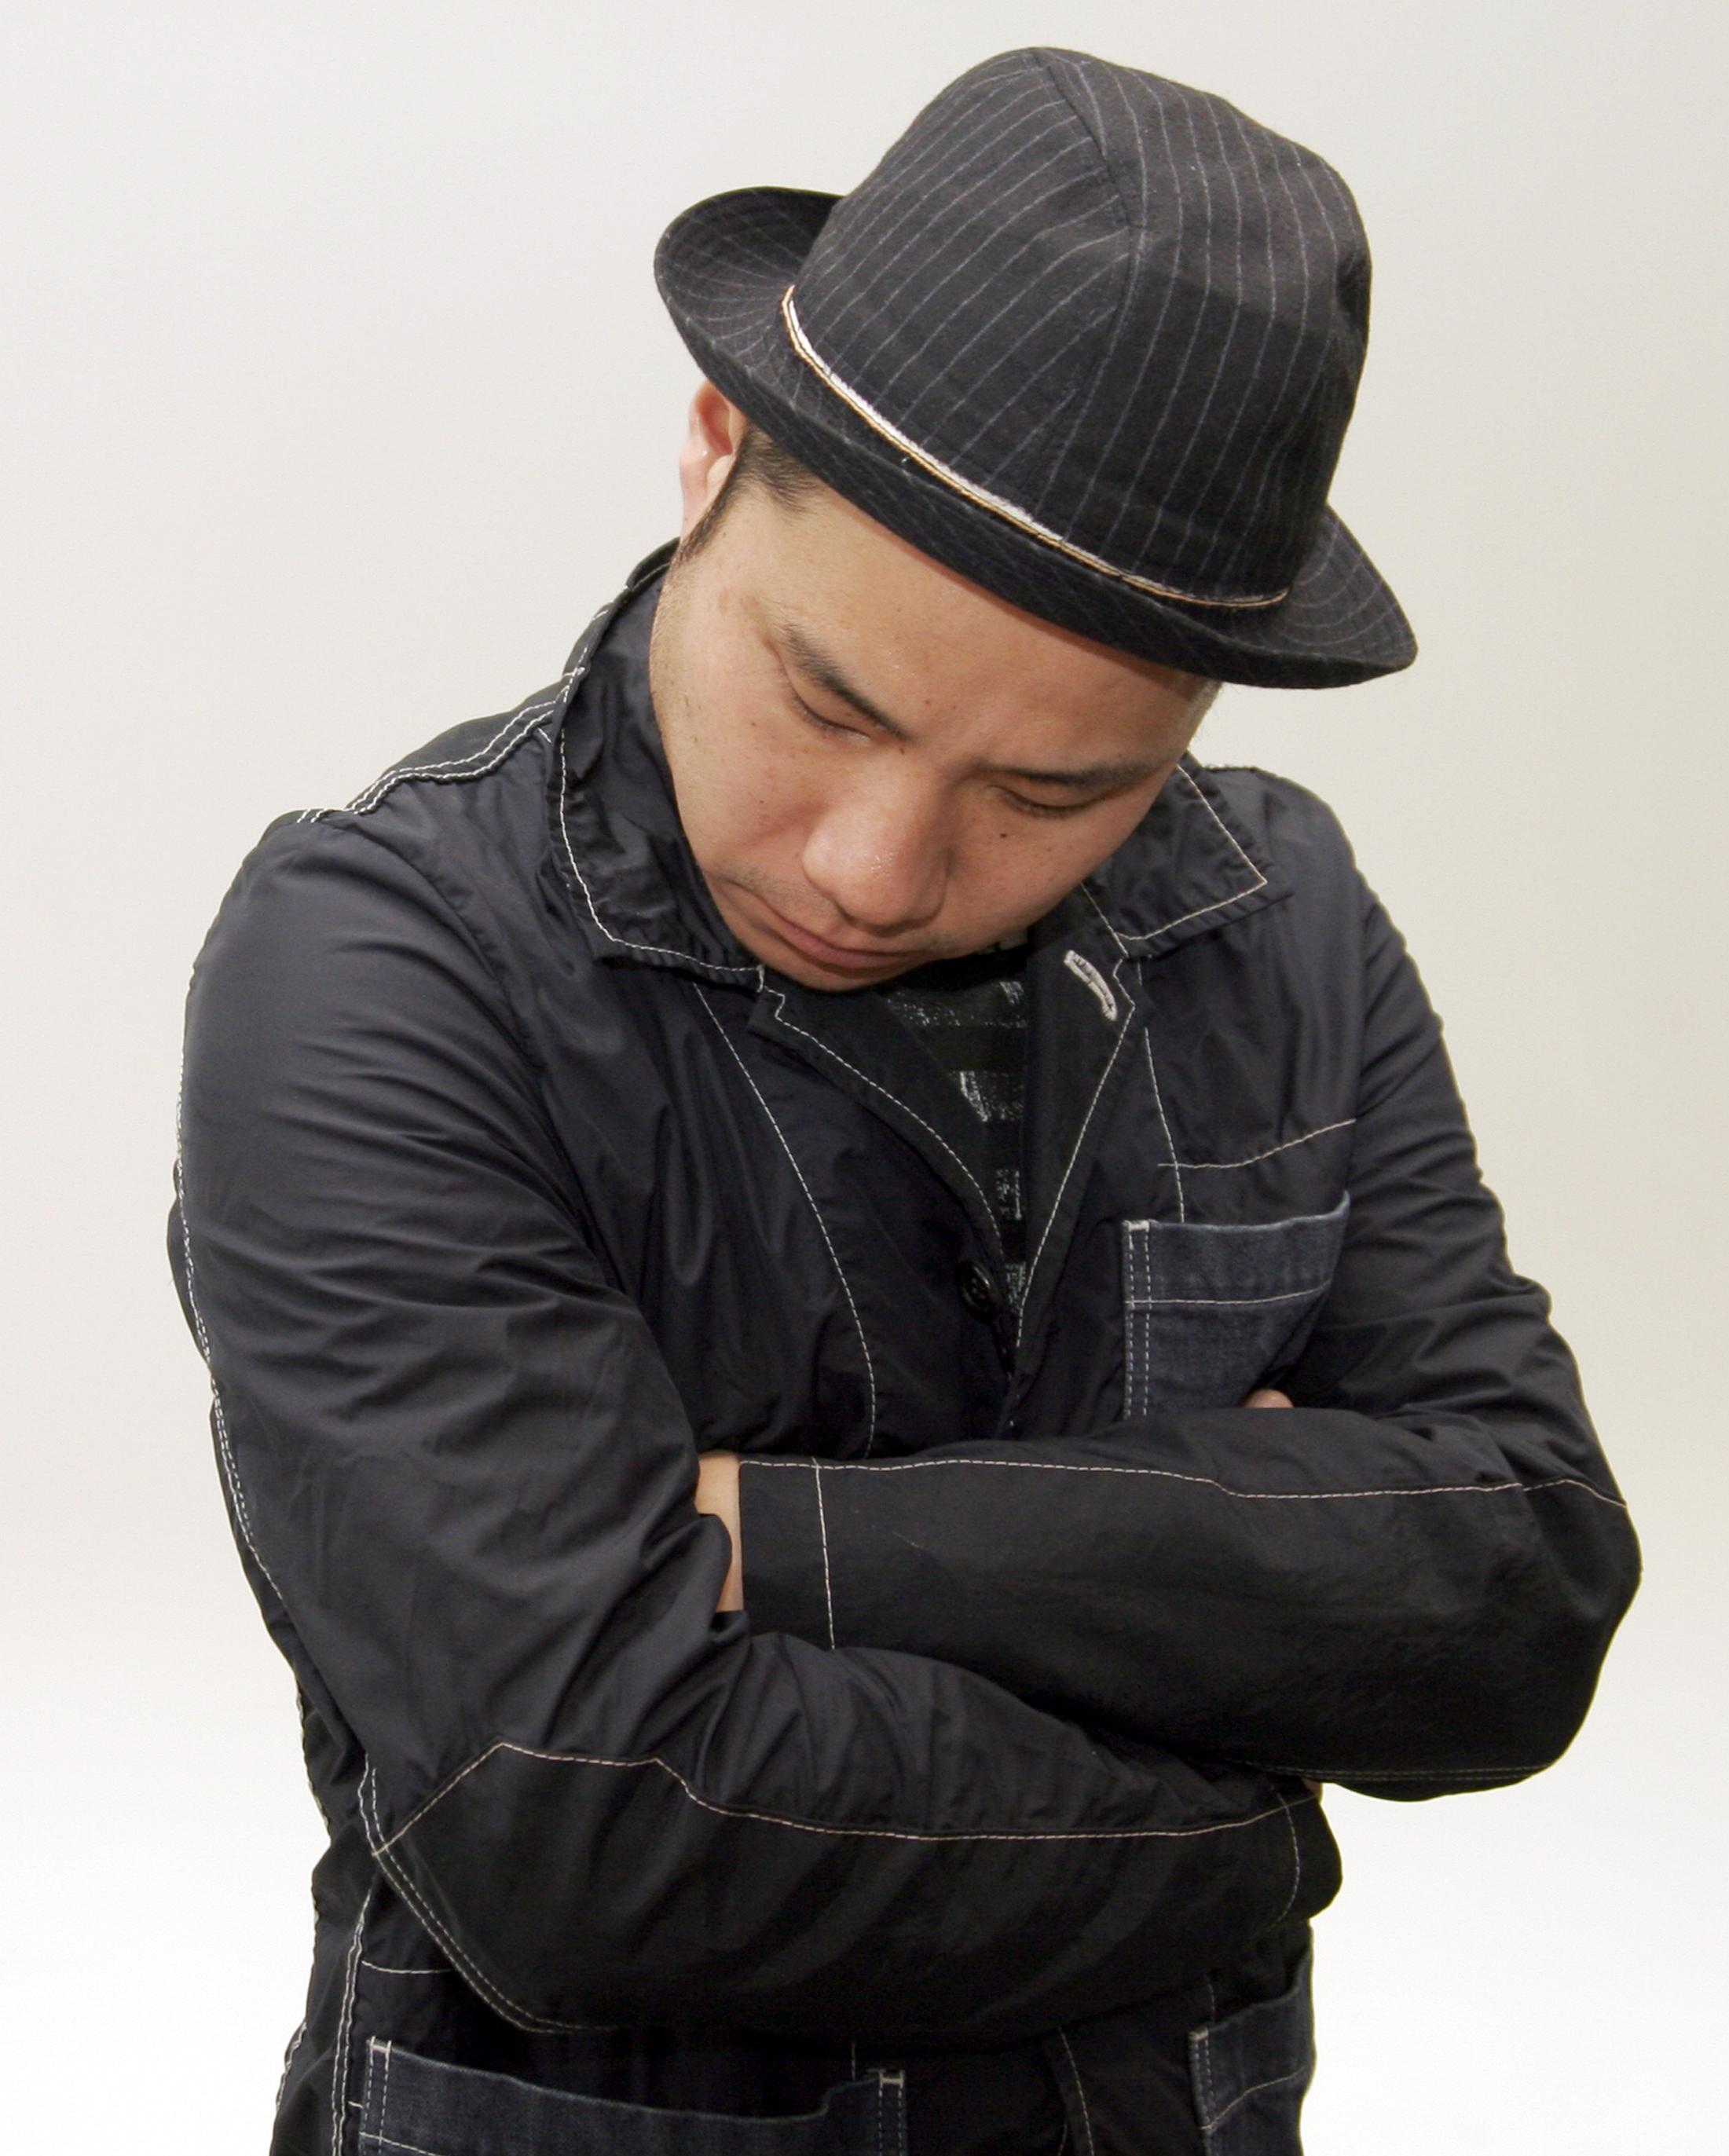 Kenjiro Sano